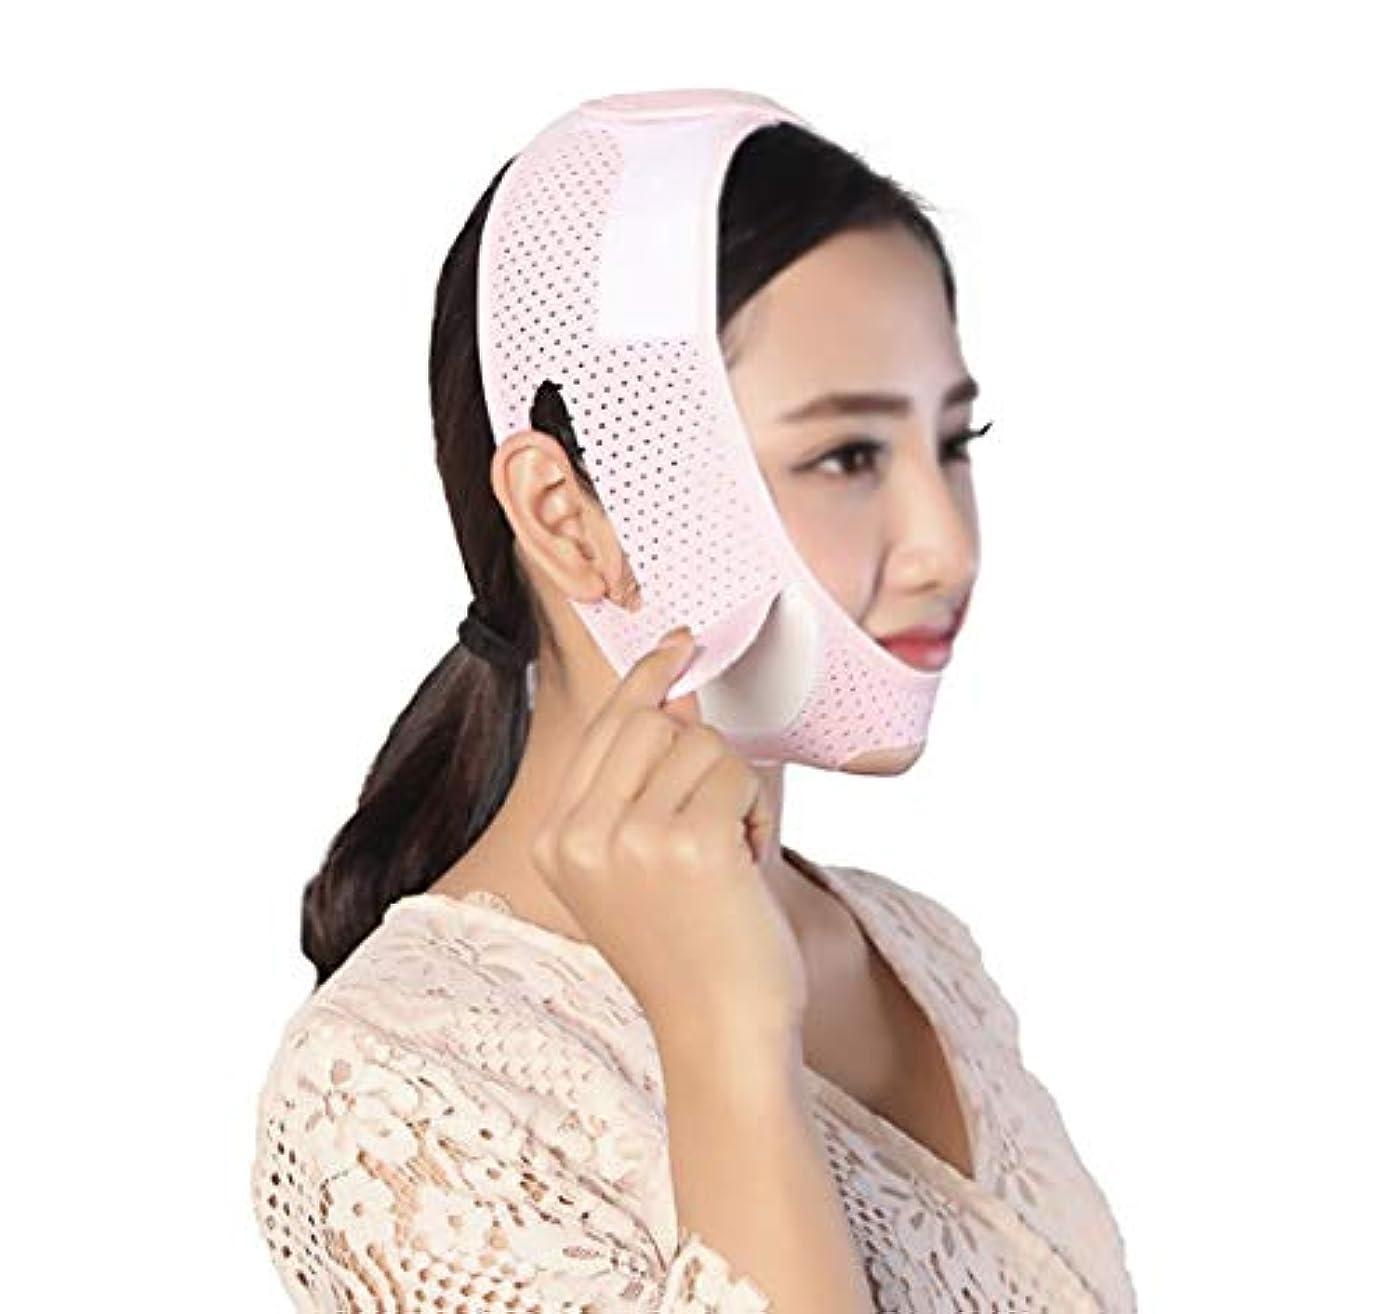 取り除く貧困貸し手顔と首のリフト術後の弾性セットVフェイスマスクあごの収縮の調整を強化するVフェイスアーチファクト回復サポートベルト